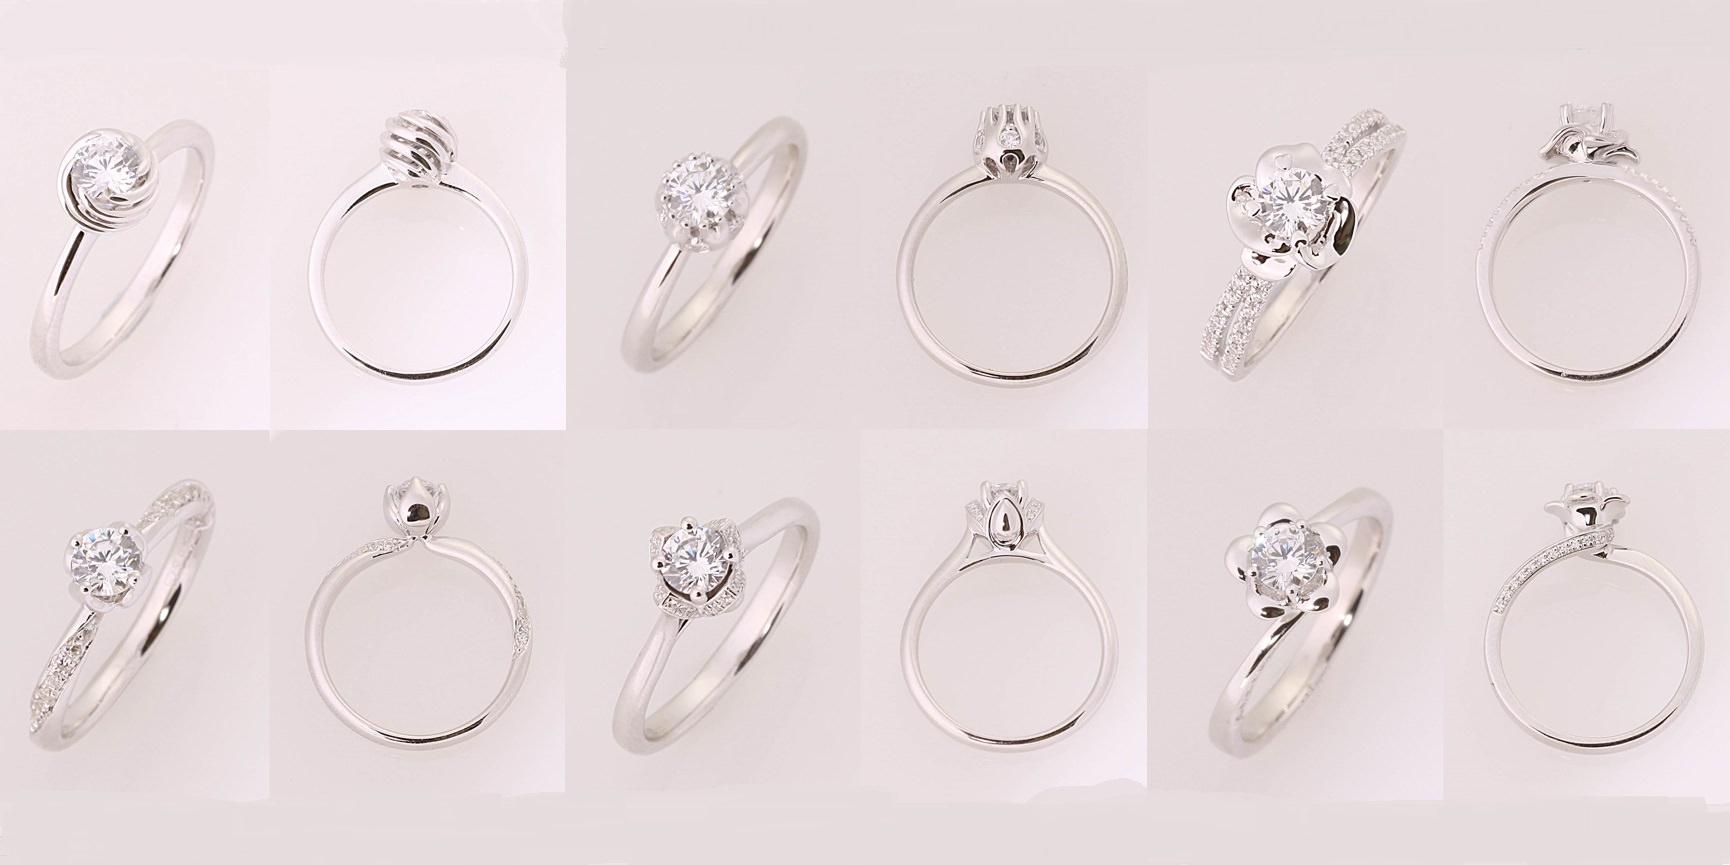 △大自然風格設計發想款式的求婚鑽戒,有甜甜的蜂巢、含苞的花朵、清晨的露珠,重點是這些款式都用爪托保護著主石,是給愛活動的她最好的選擇